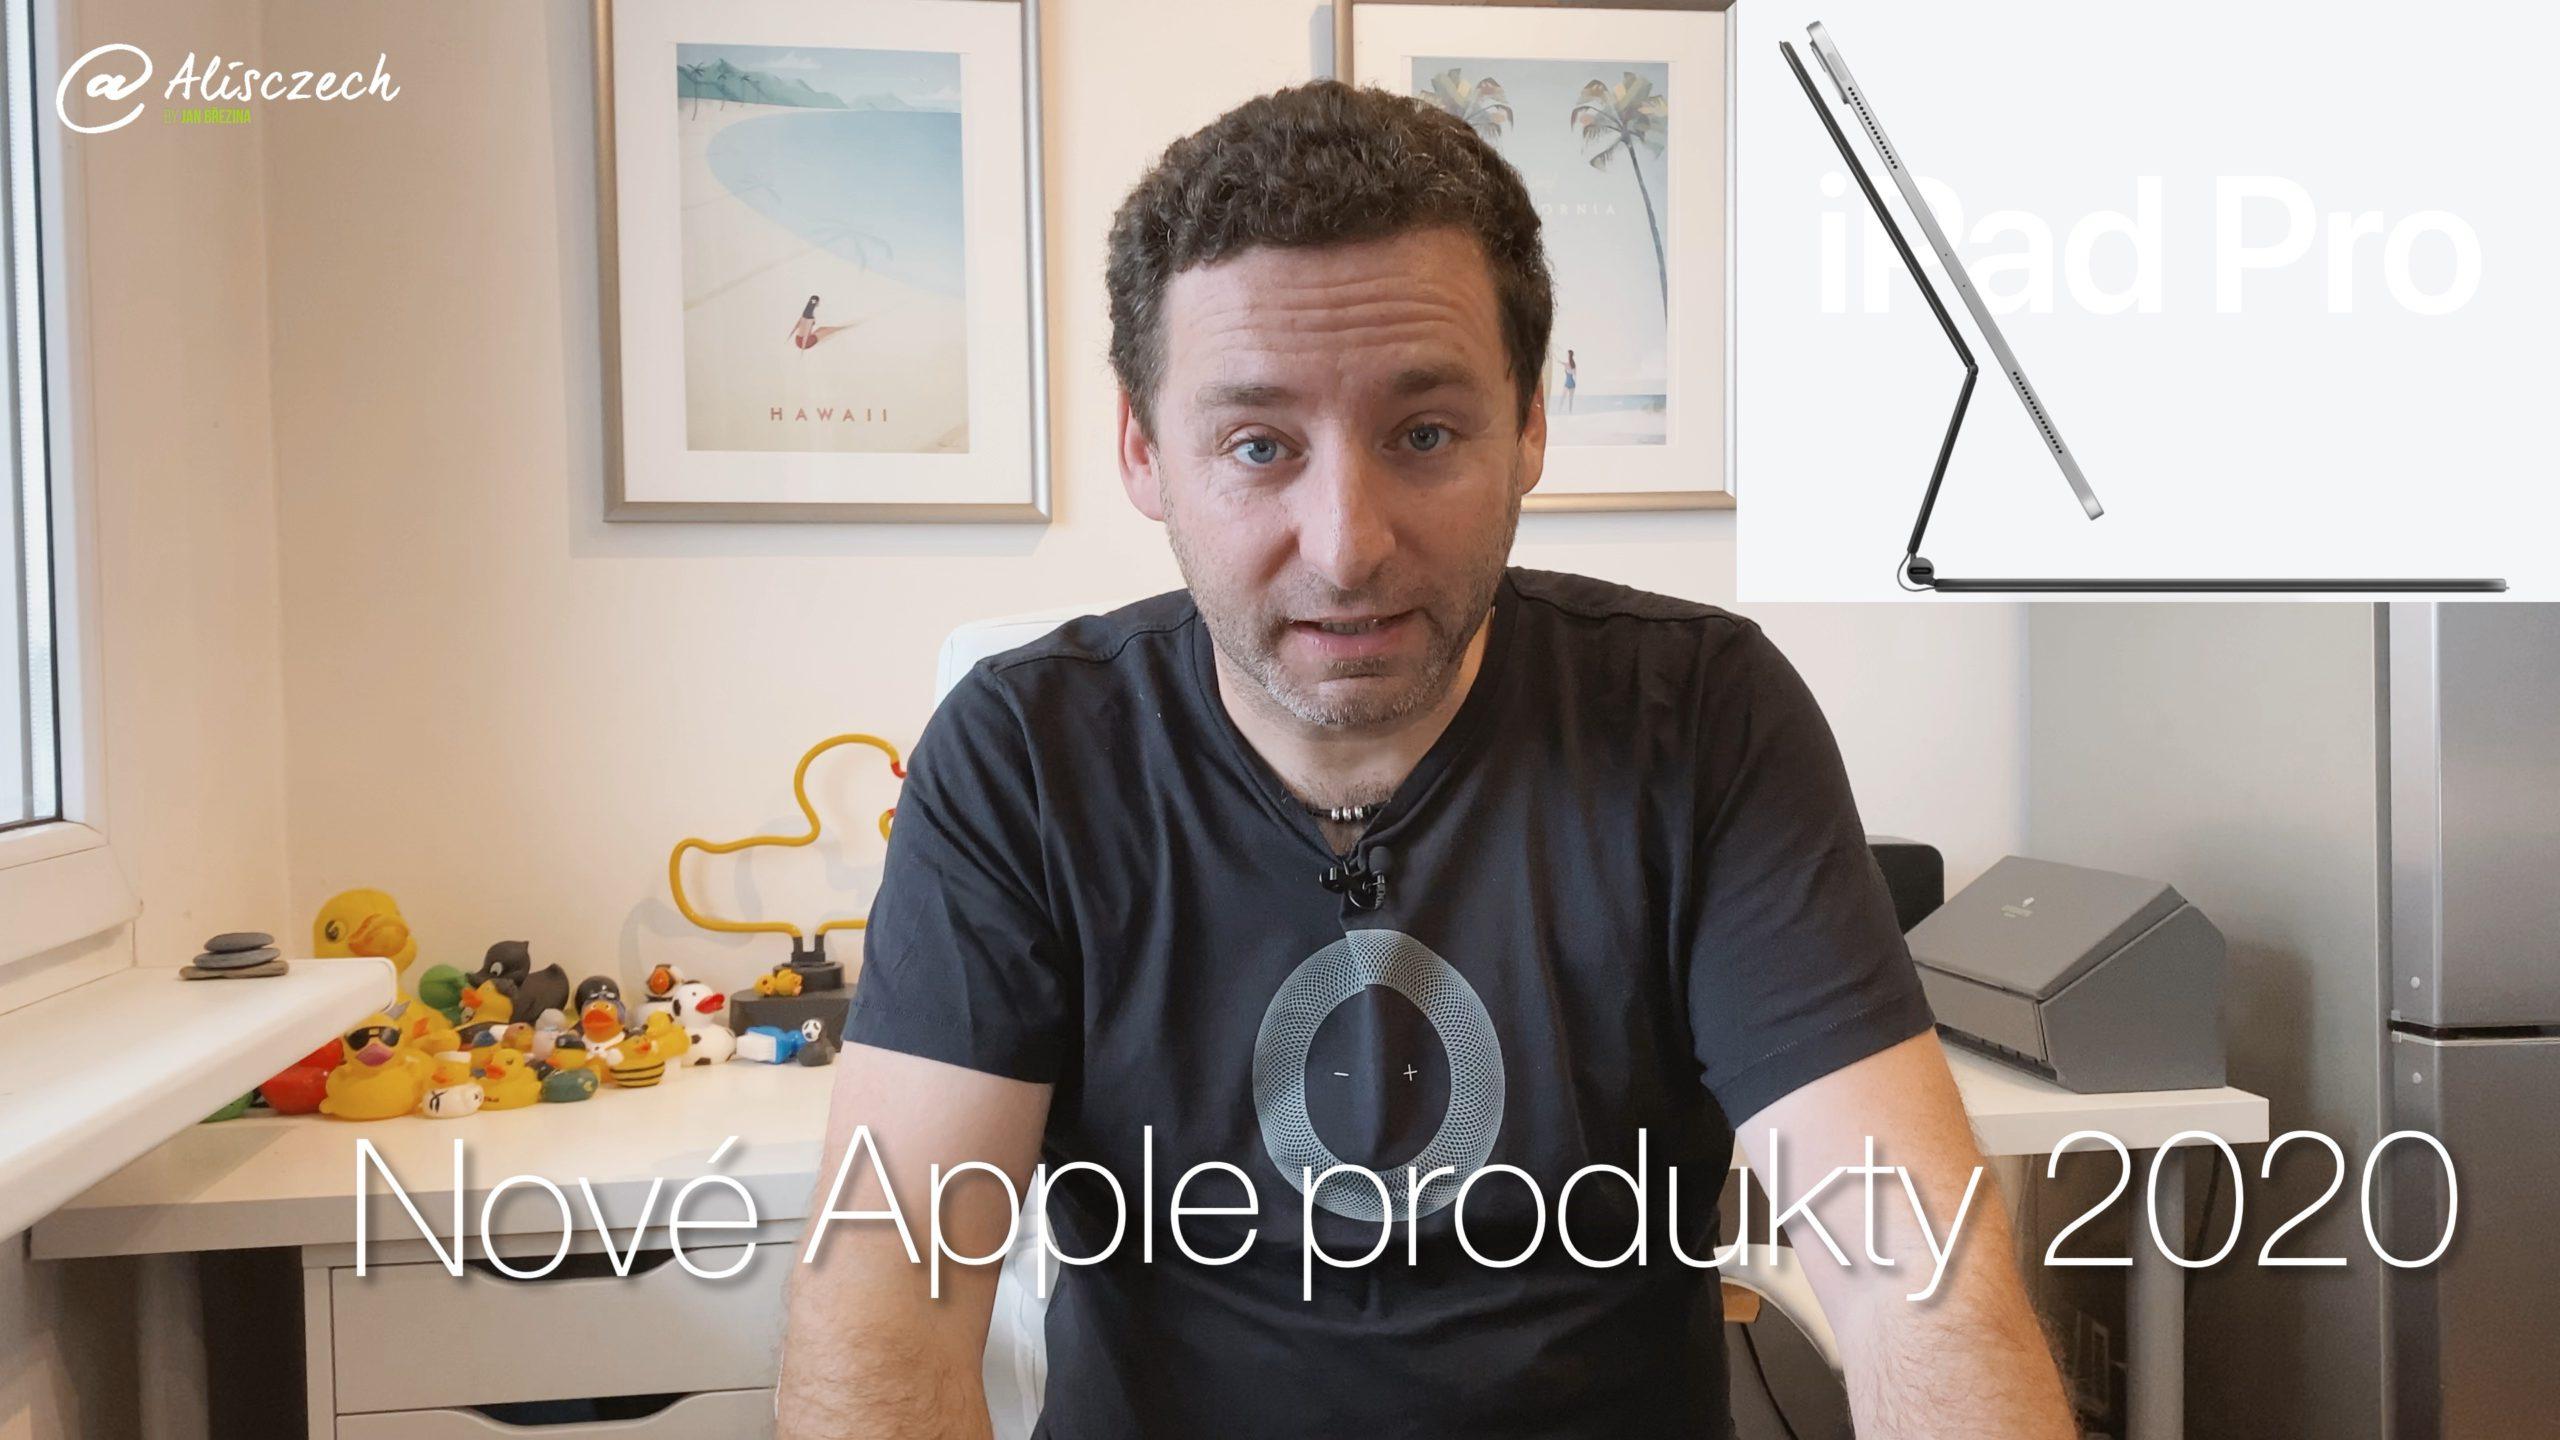 Apple novinky březen 2020